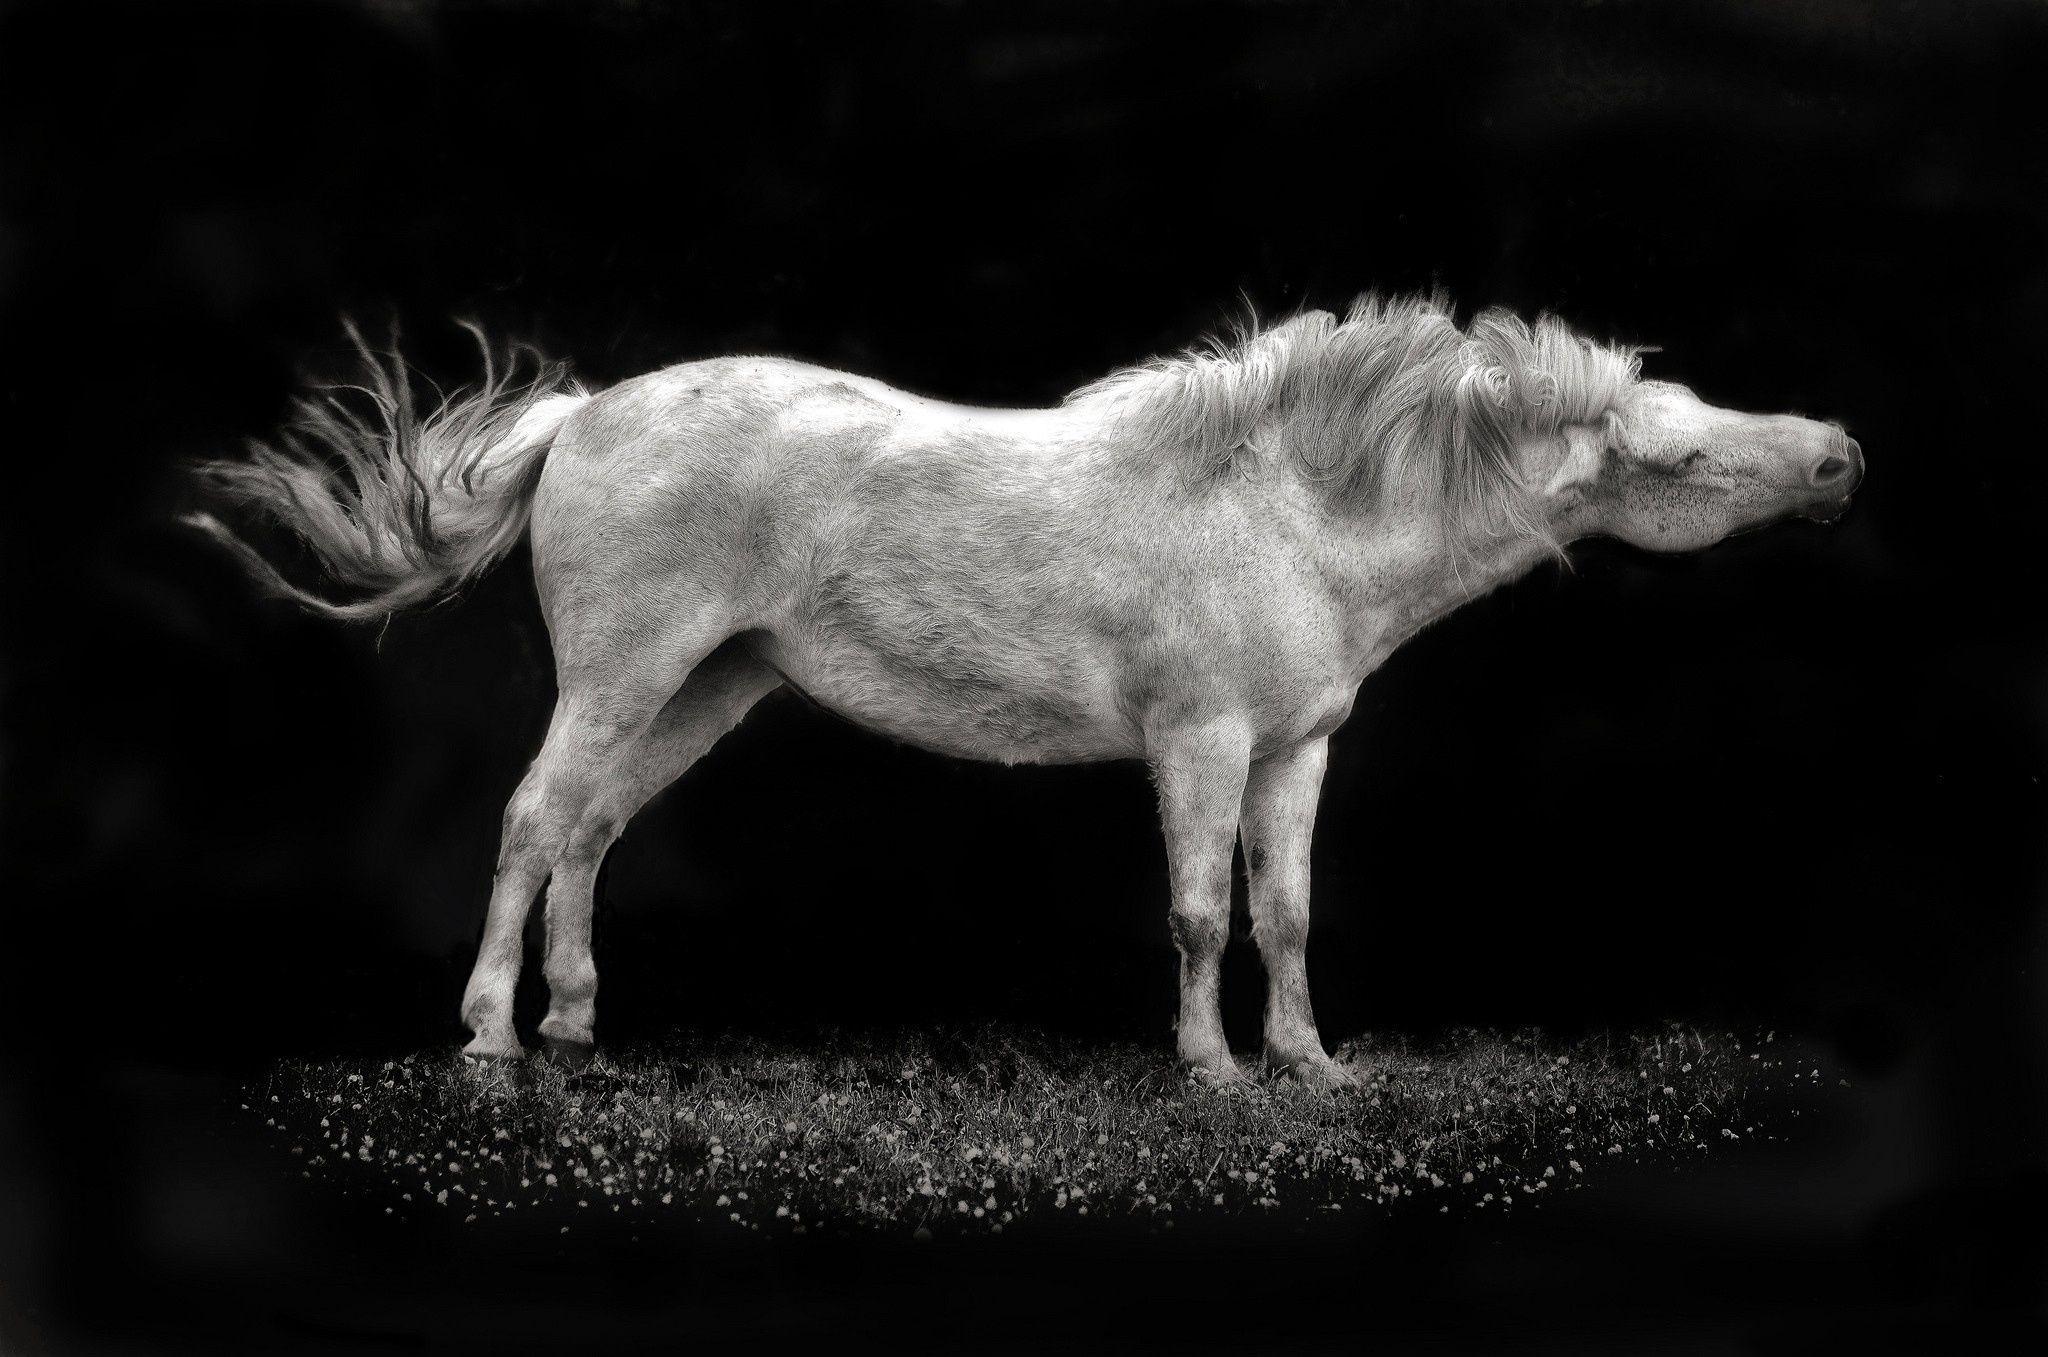 Výsledek obrázku pro Kůň Horses, Animals, Computer wallpaper